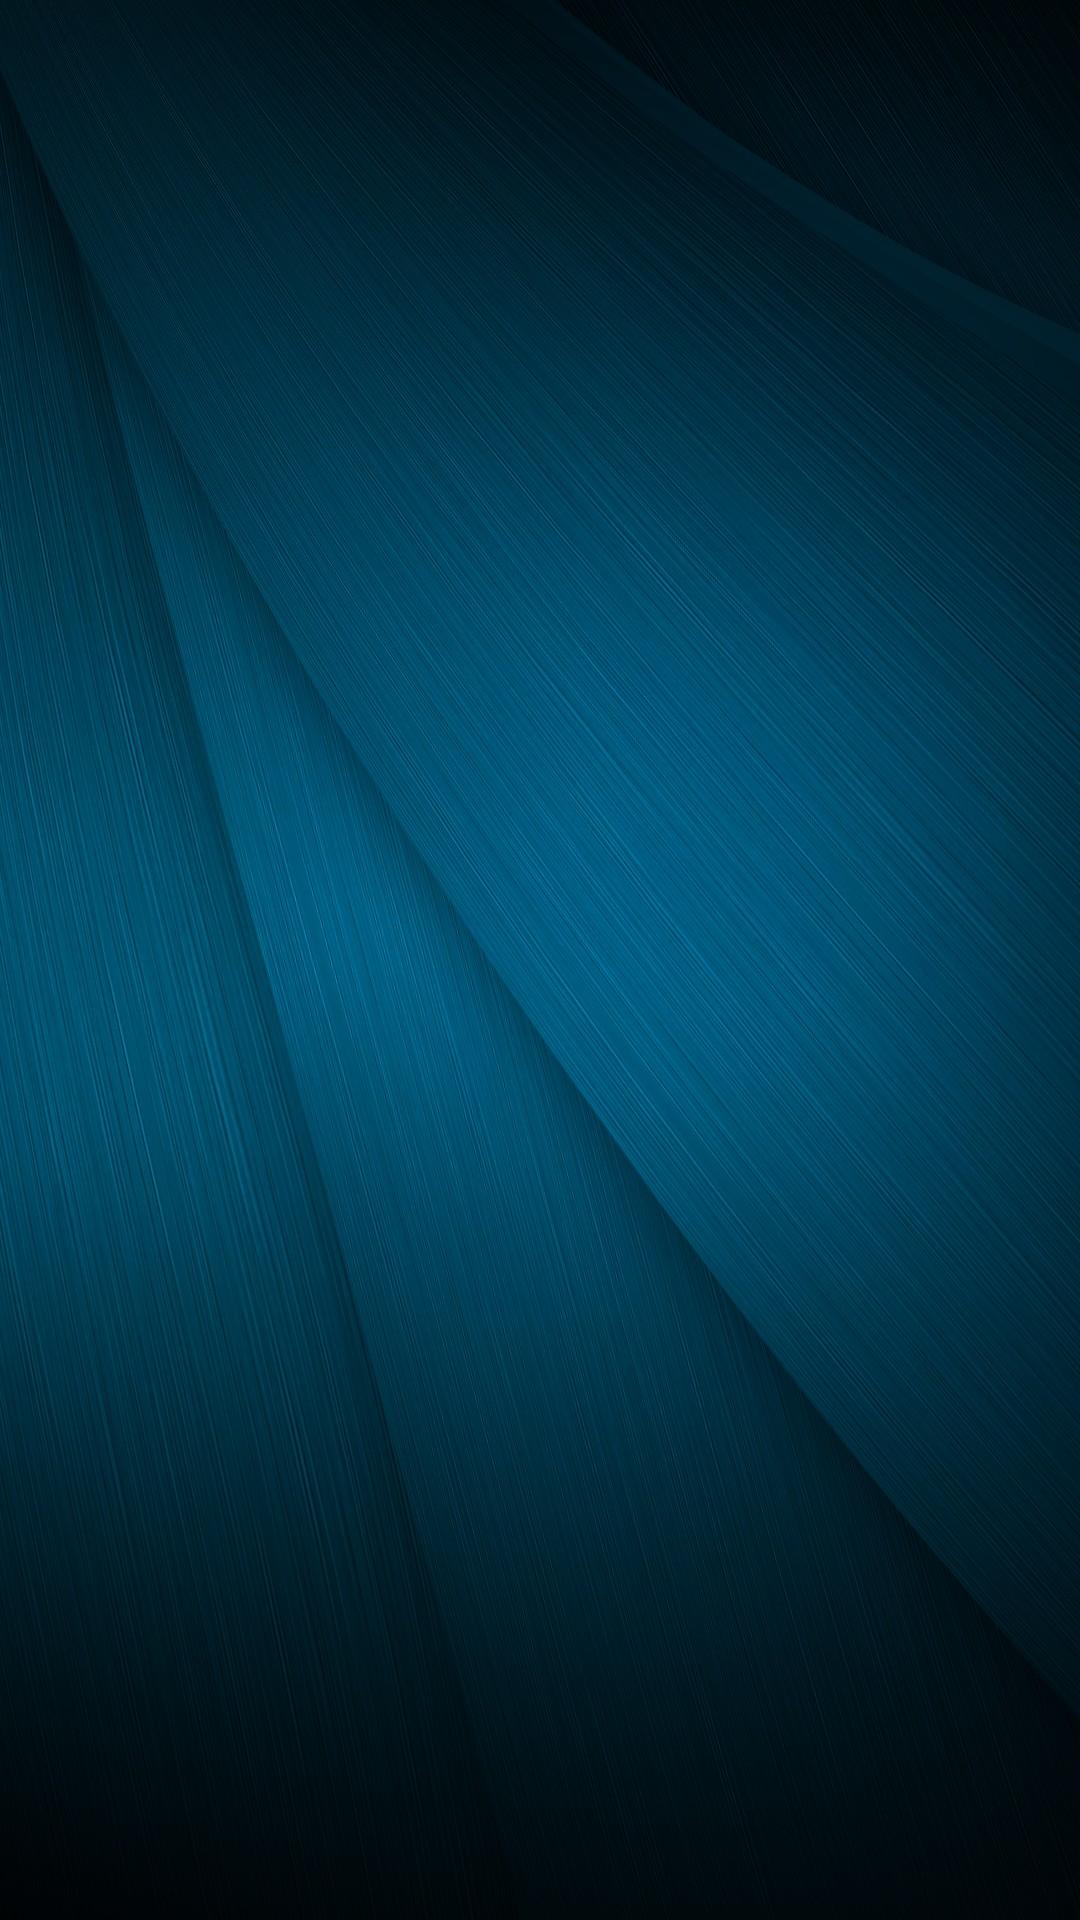 Oppo 3d Wallpaper Vivo X7 Stock Wallpaper 3 1080x1920